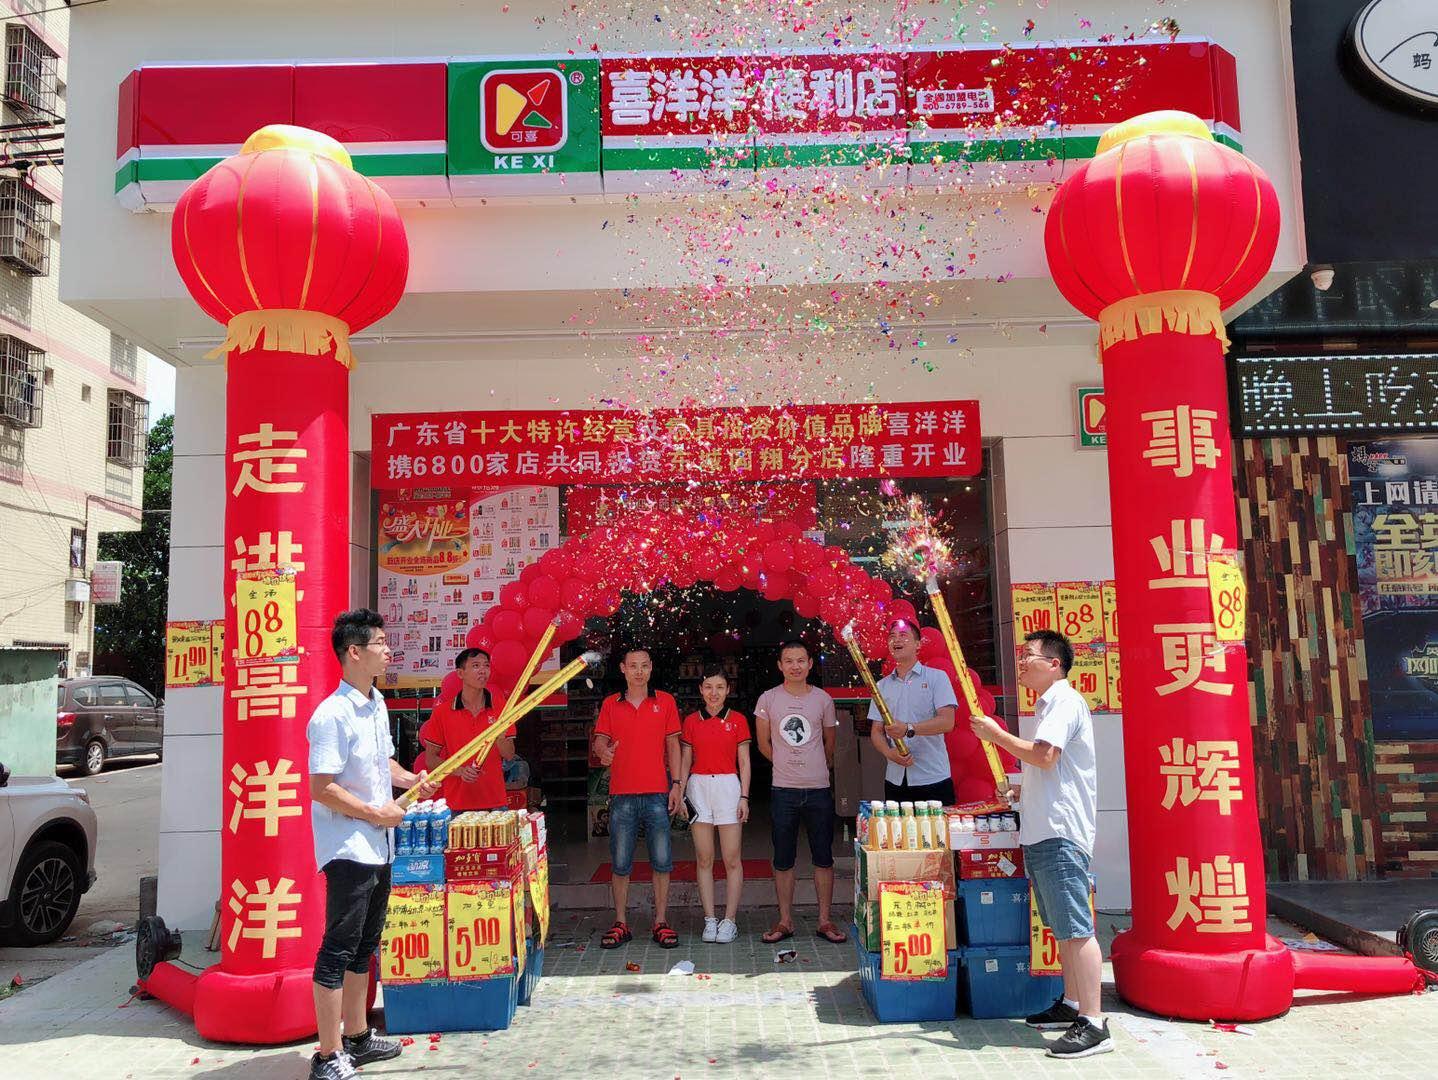 东城区国翔分店07月01日隆重开业